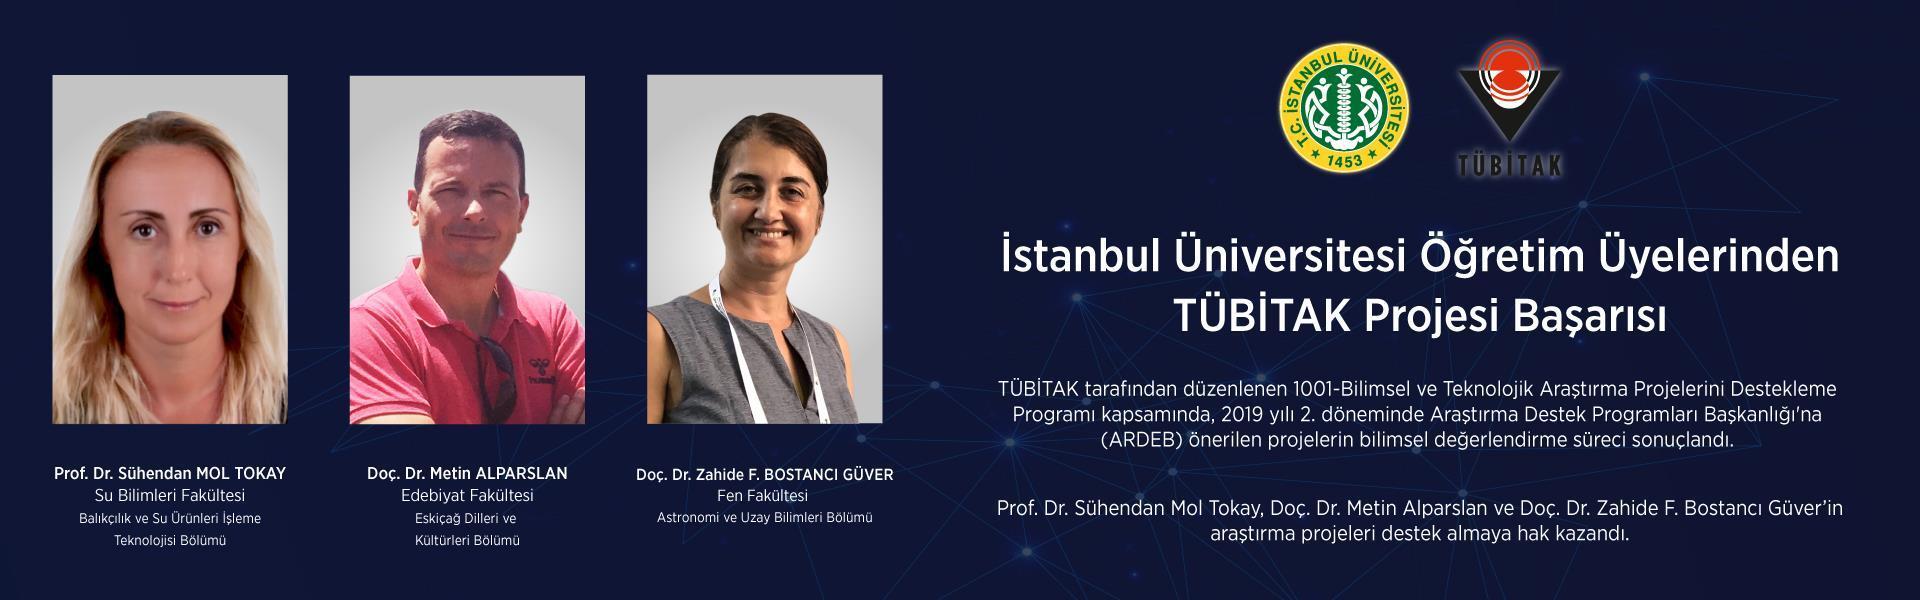 TÜBİTAK başarı İstanbul-Üniversitesi